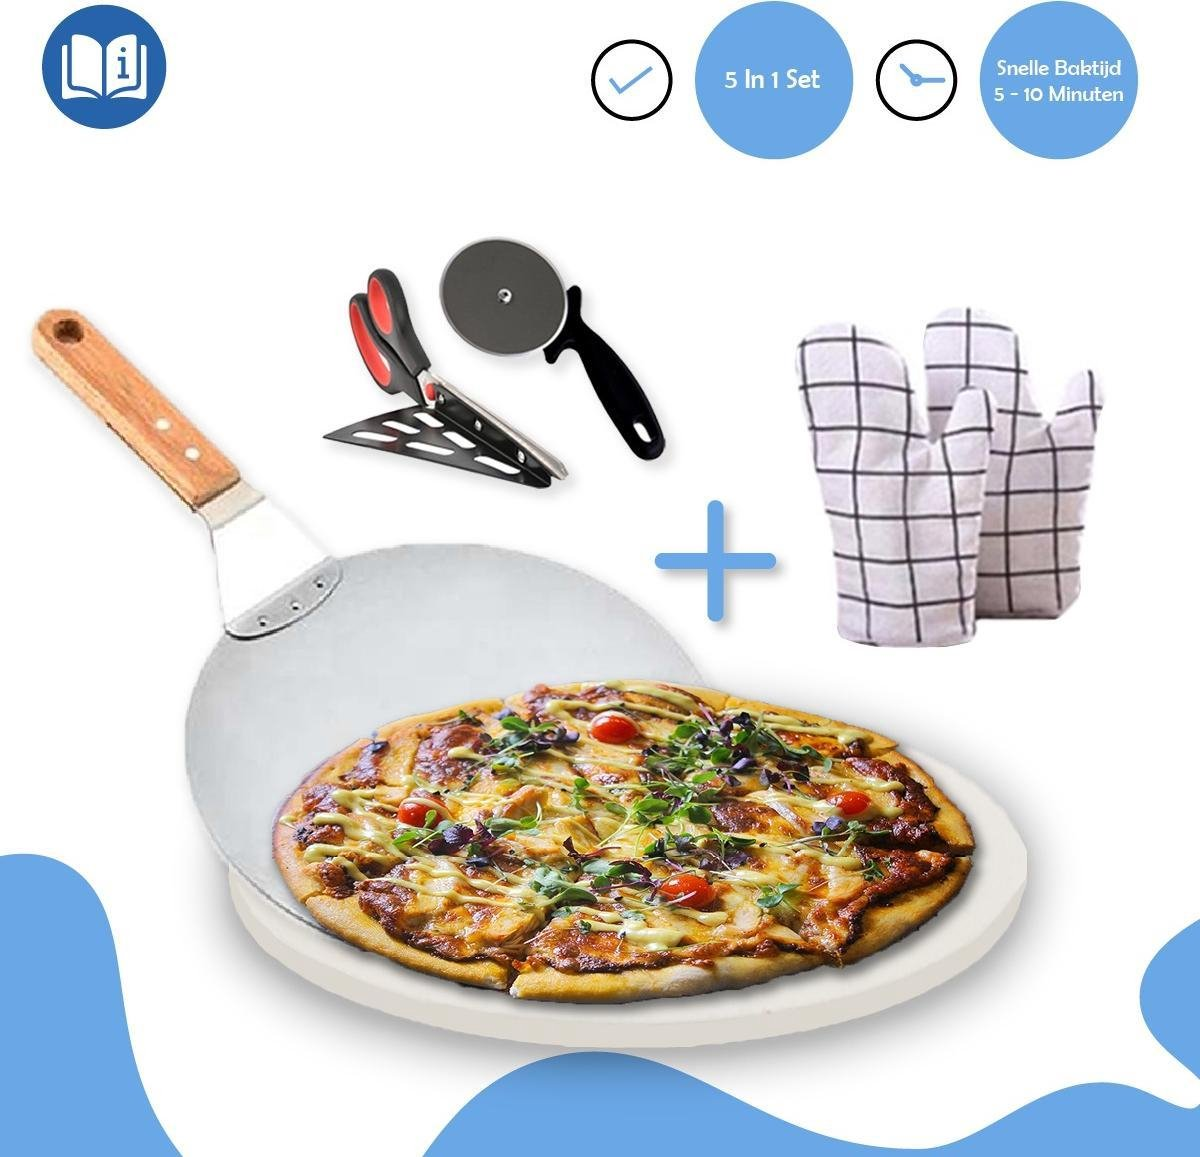 Fastella 5-in-1 Pizza Set - Pizzasteen BBQ - Barbecue & Oven - Ø 33 cm - 800°C - Cordieriet - Wit - Schaar, Mes & Schep - Incl. Ovenwanten